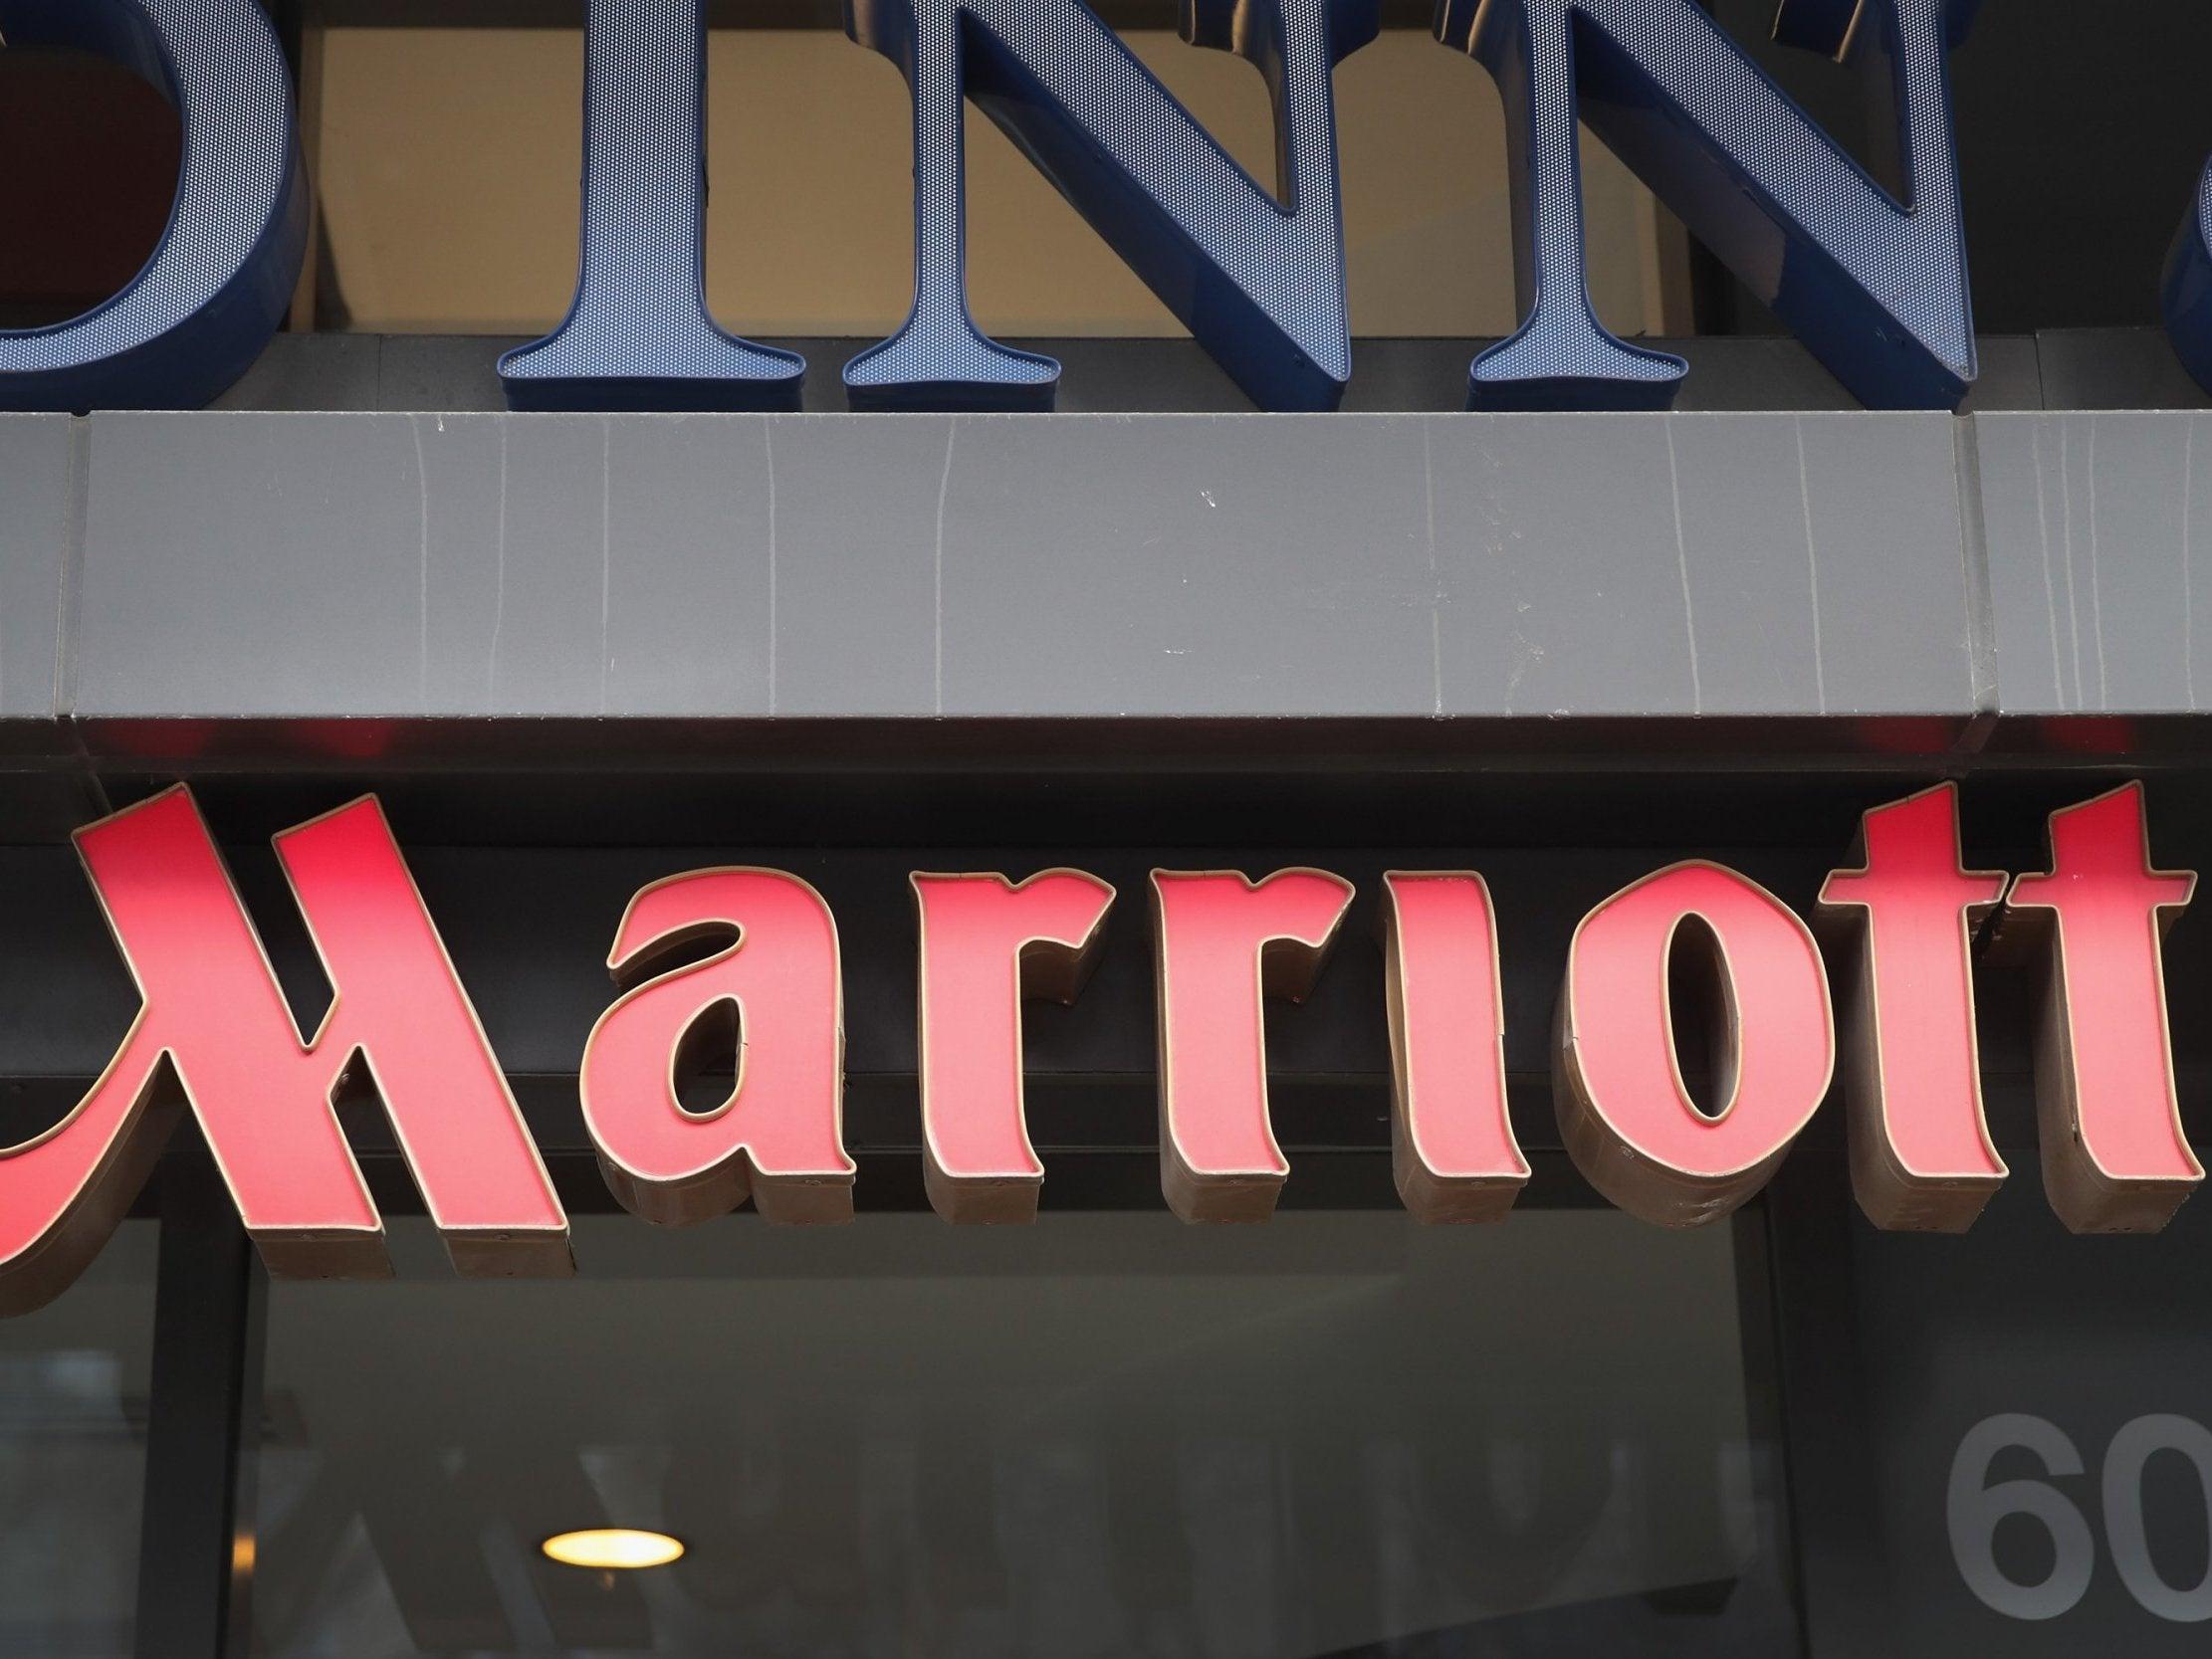 Marriott cyber attack: Hotel data breach that hit 500